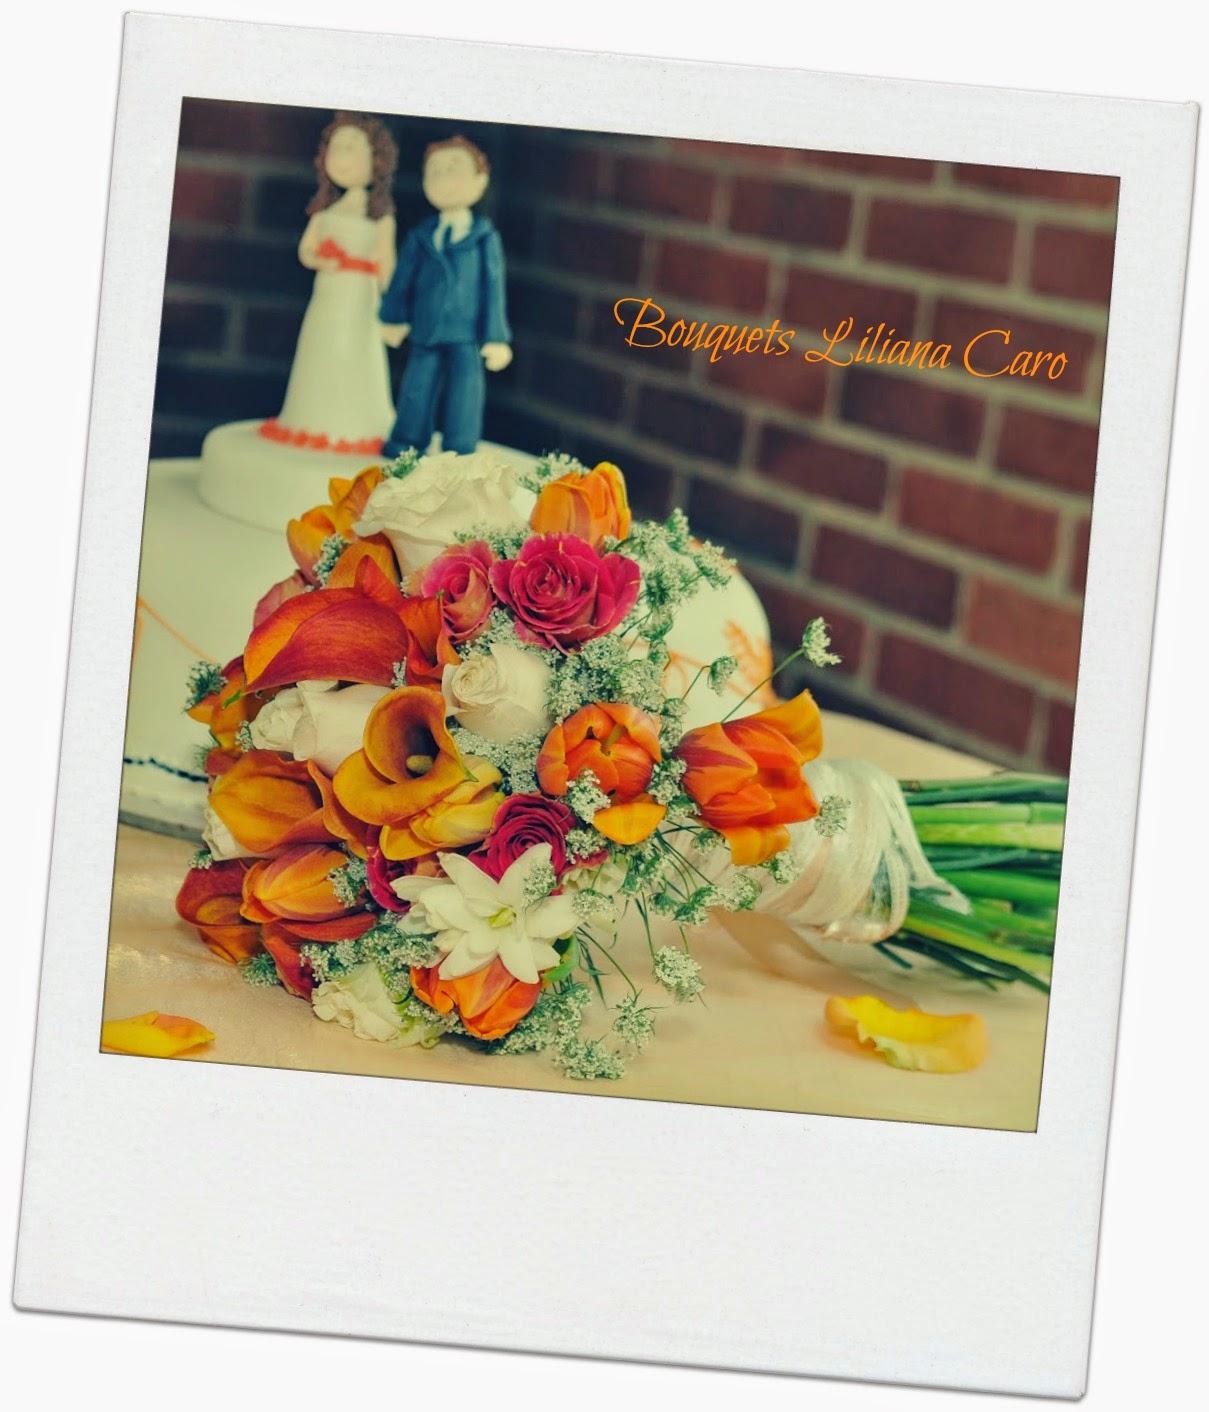 Diseño de bouquets